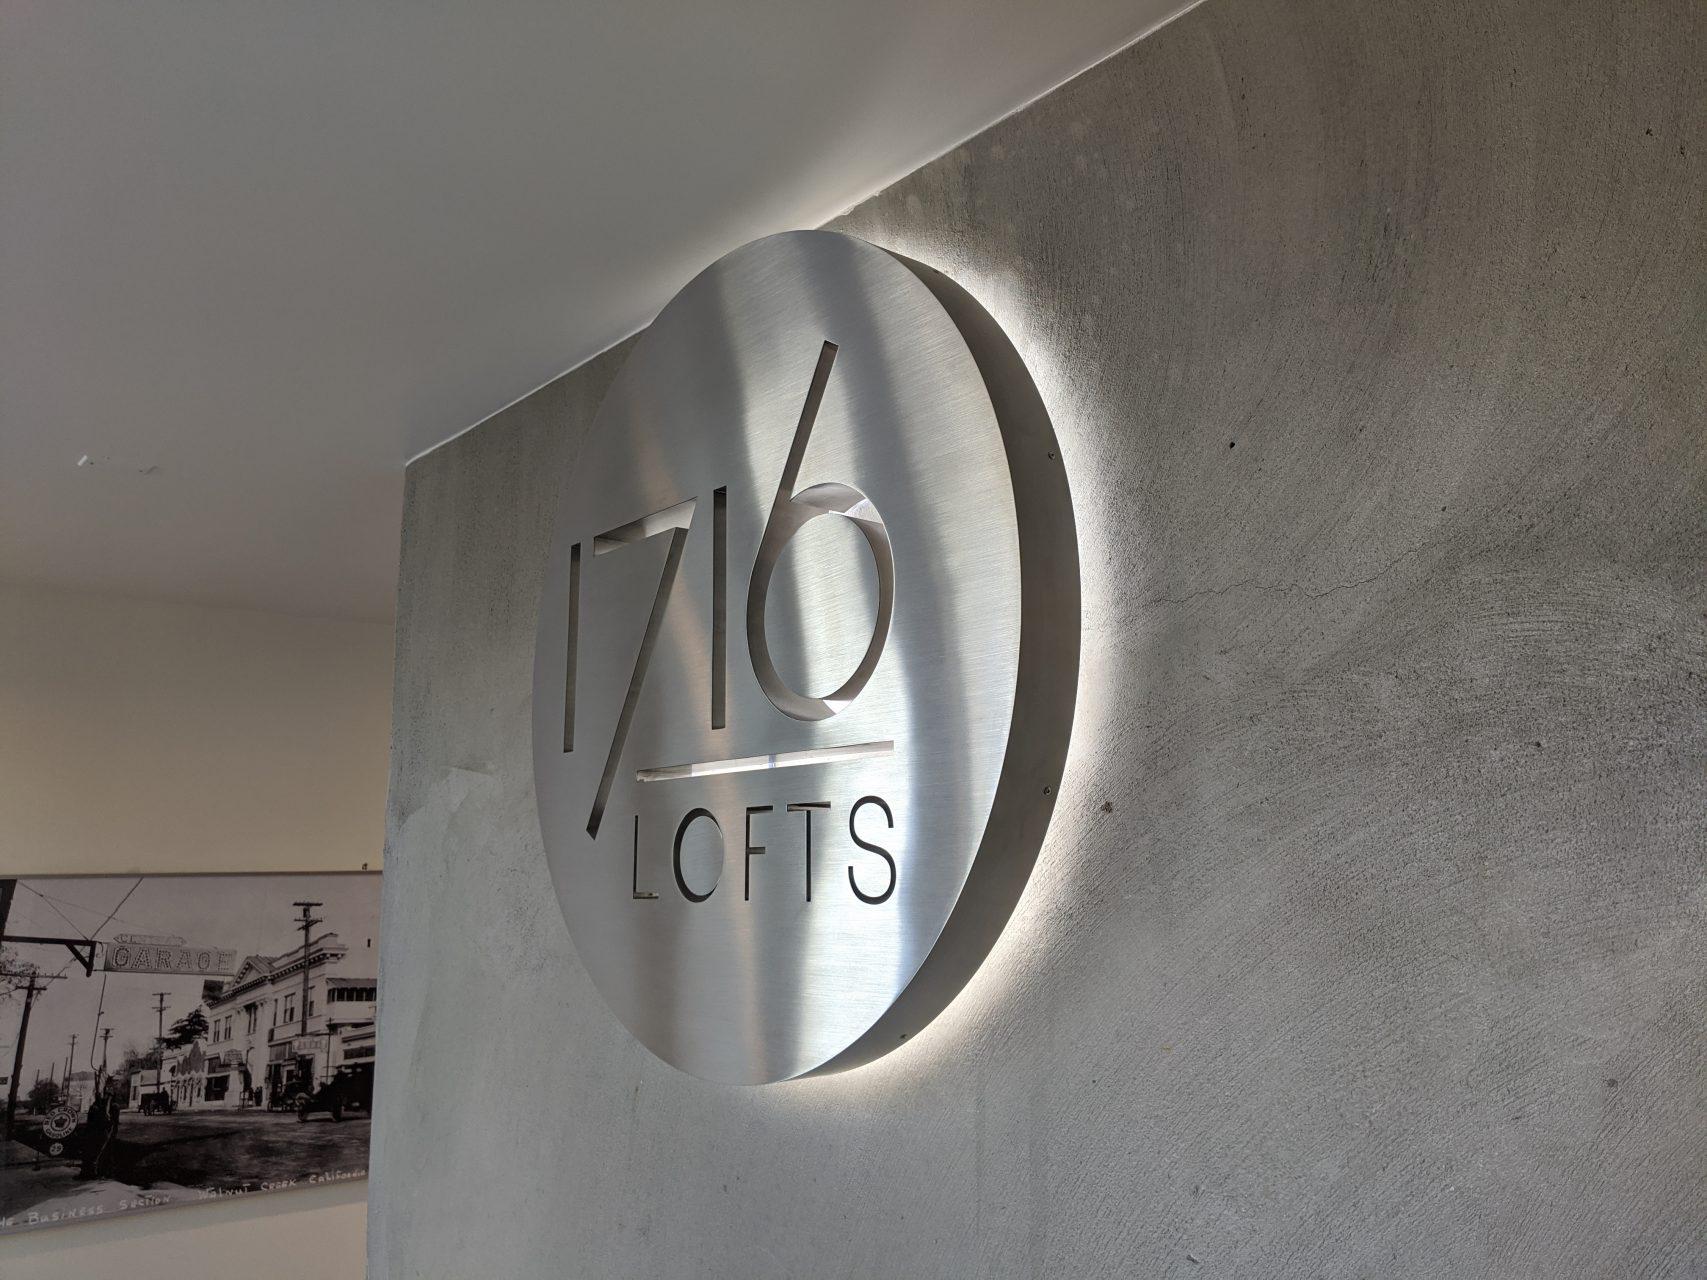 1716 Lofts Lobby Sign